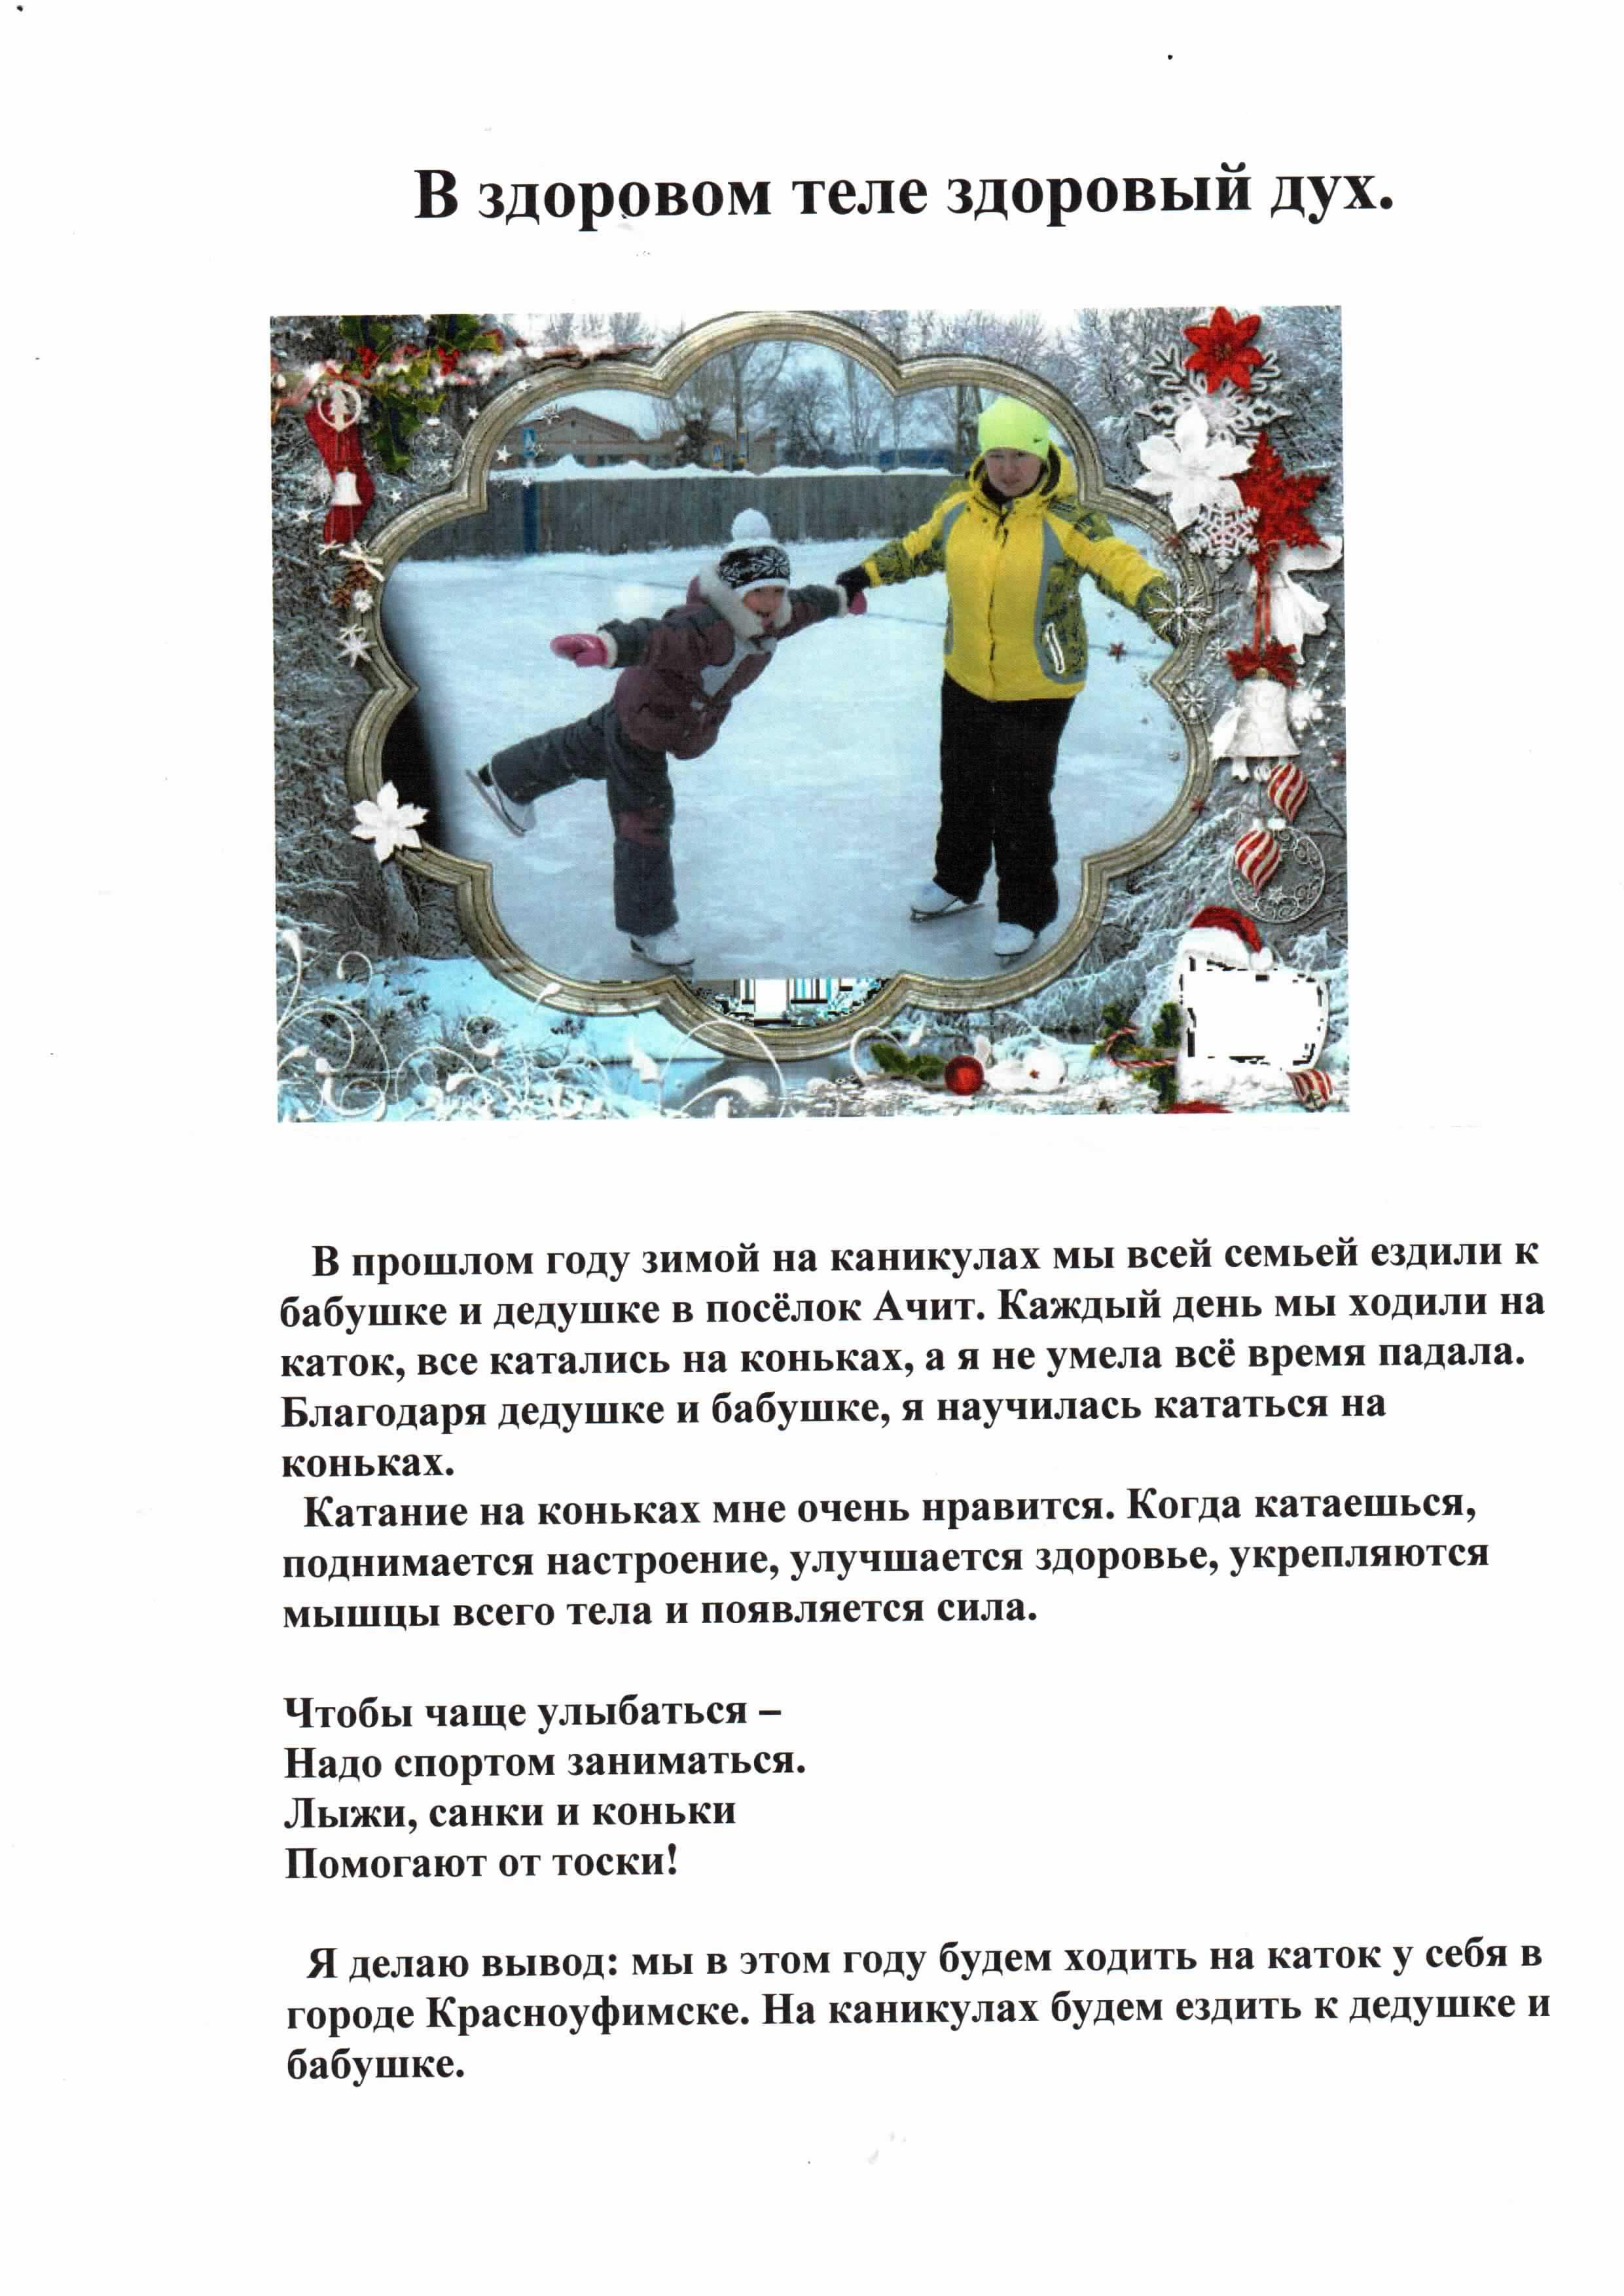 C:\Users\Татьяна\Desktop\Коллективный проект-Мы за здоровый образ жизни\Семья Элины Зиннатовой.jpg